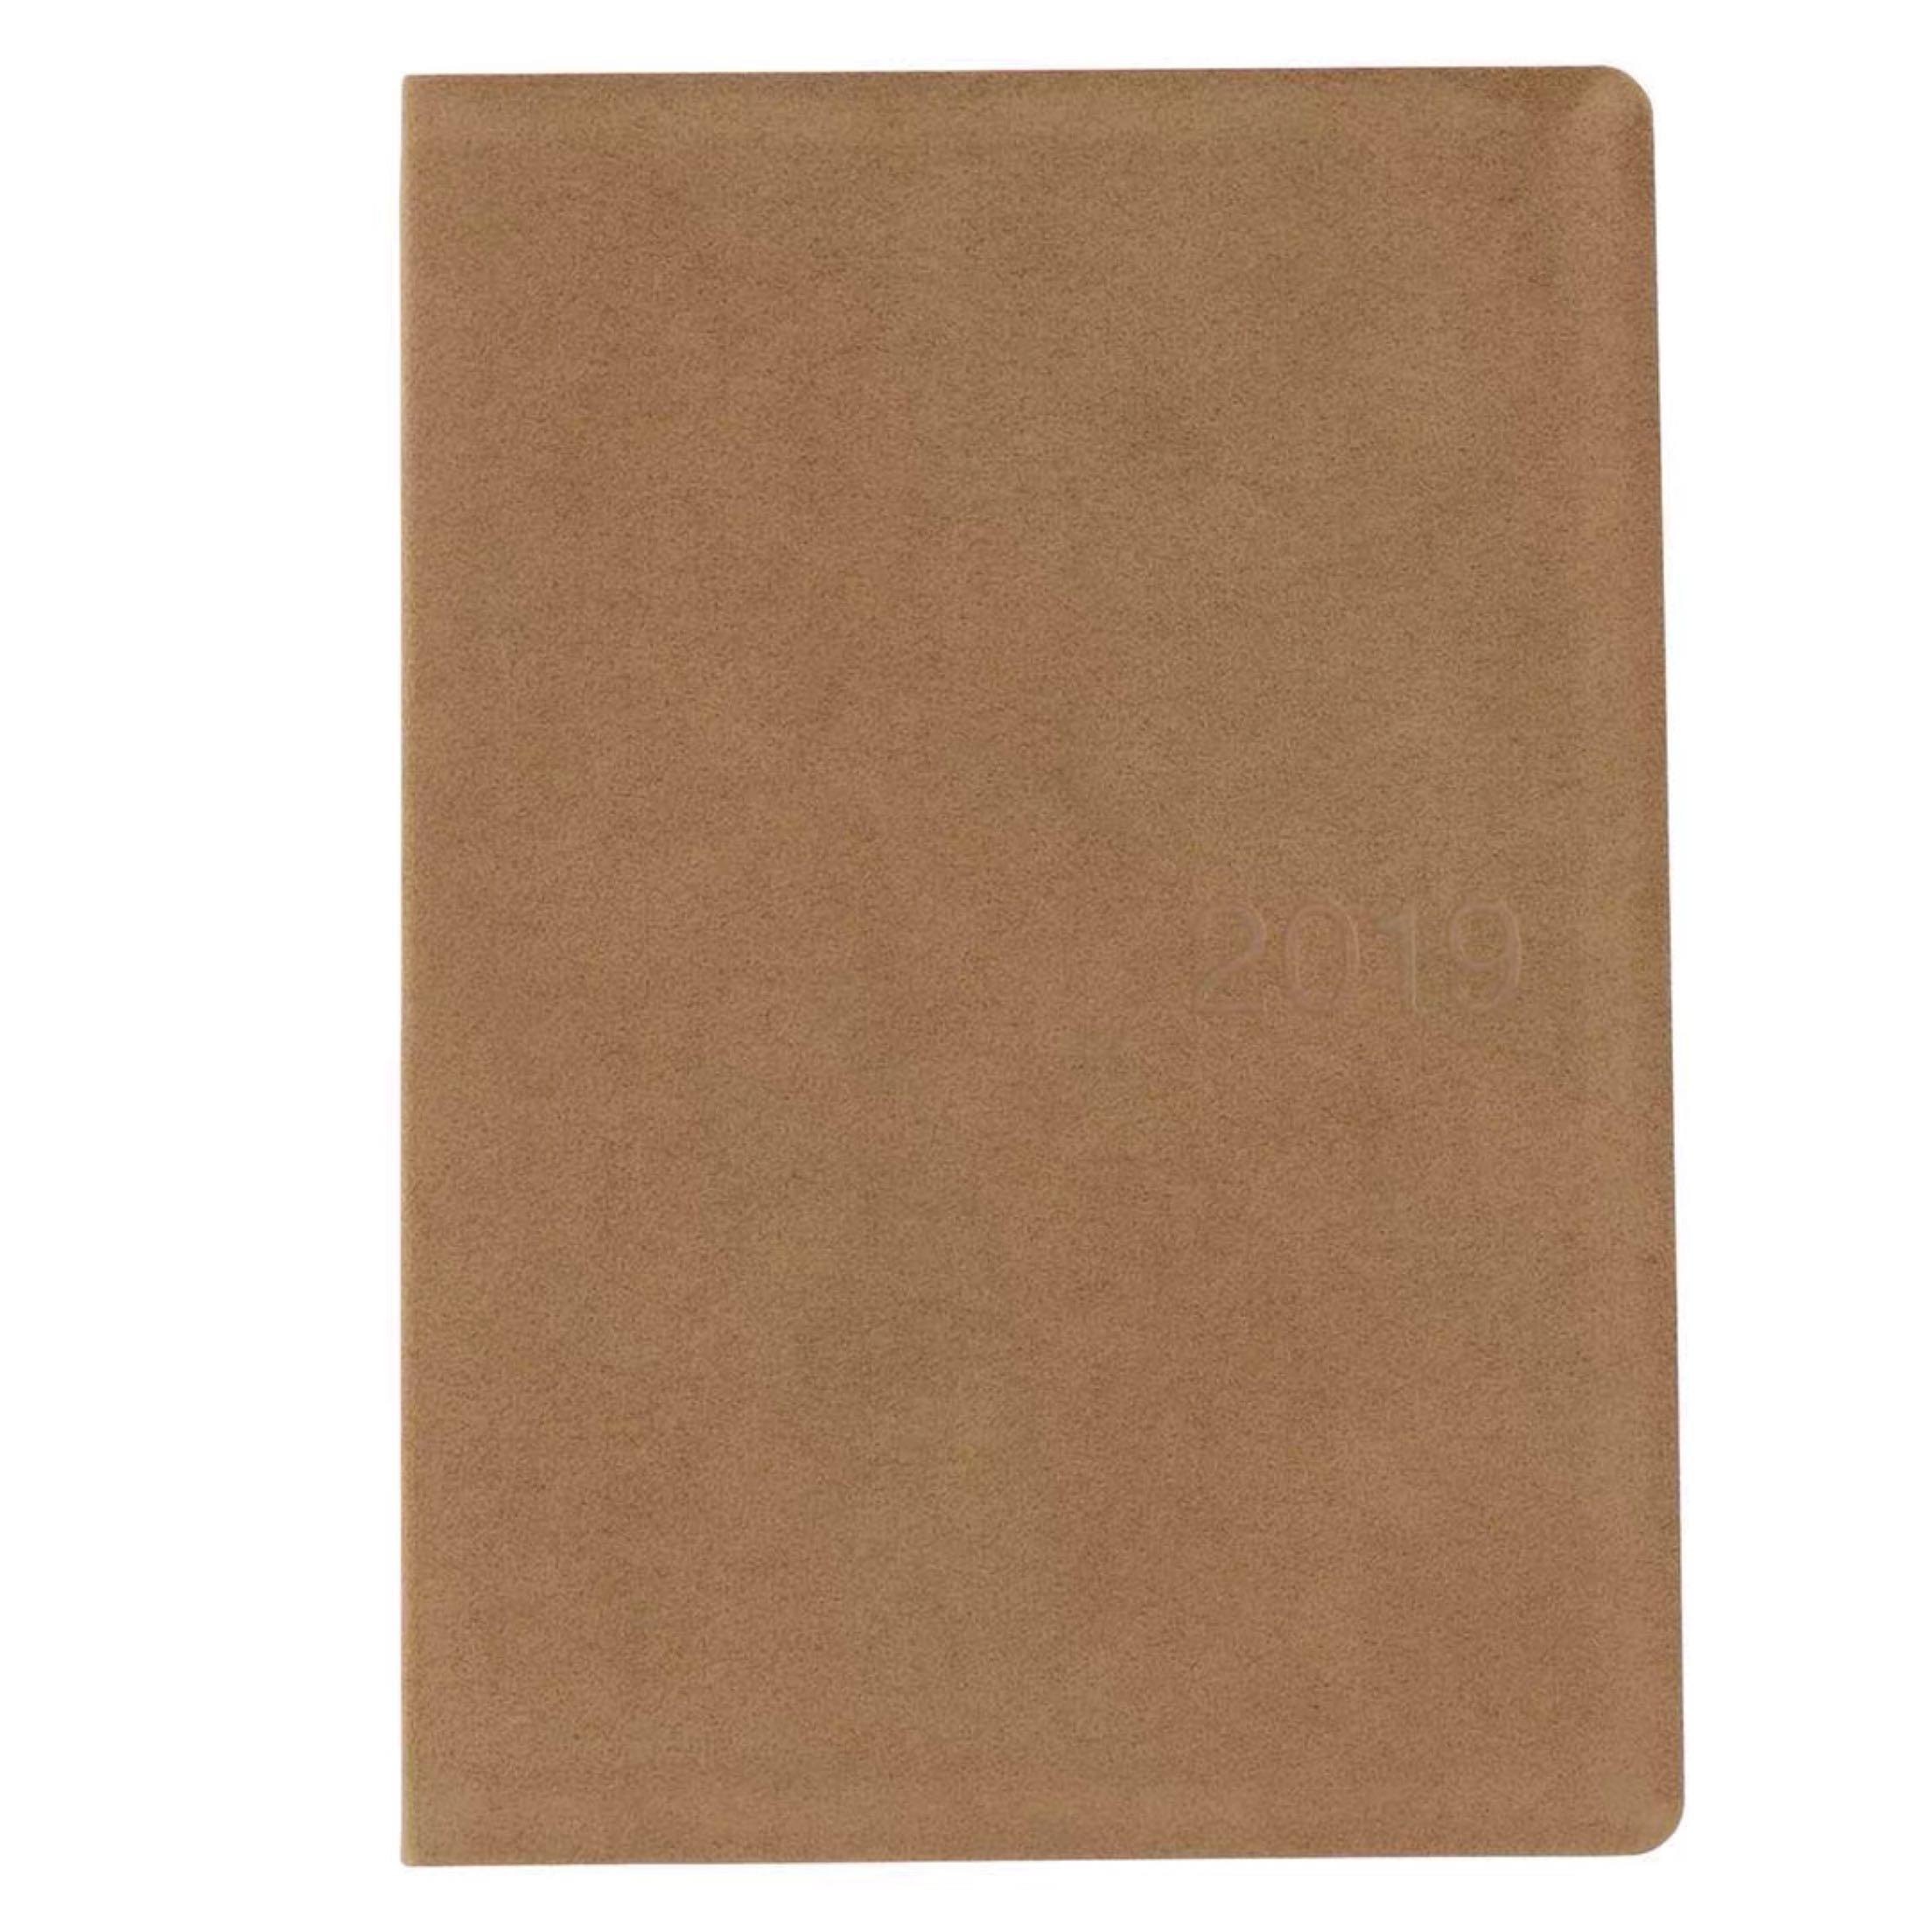 预|售日本MUJI无印良品绒面皮革磨砂封面2020月周计划笔记本日程